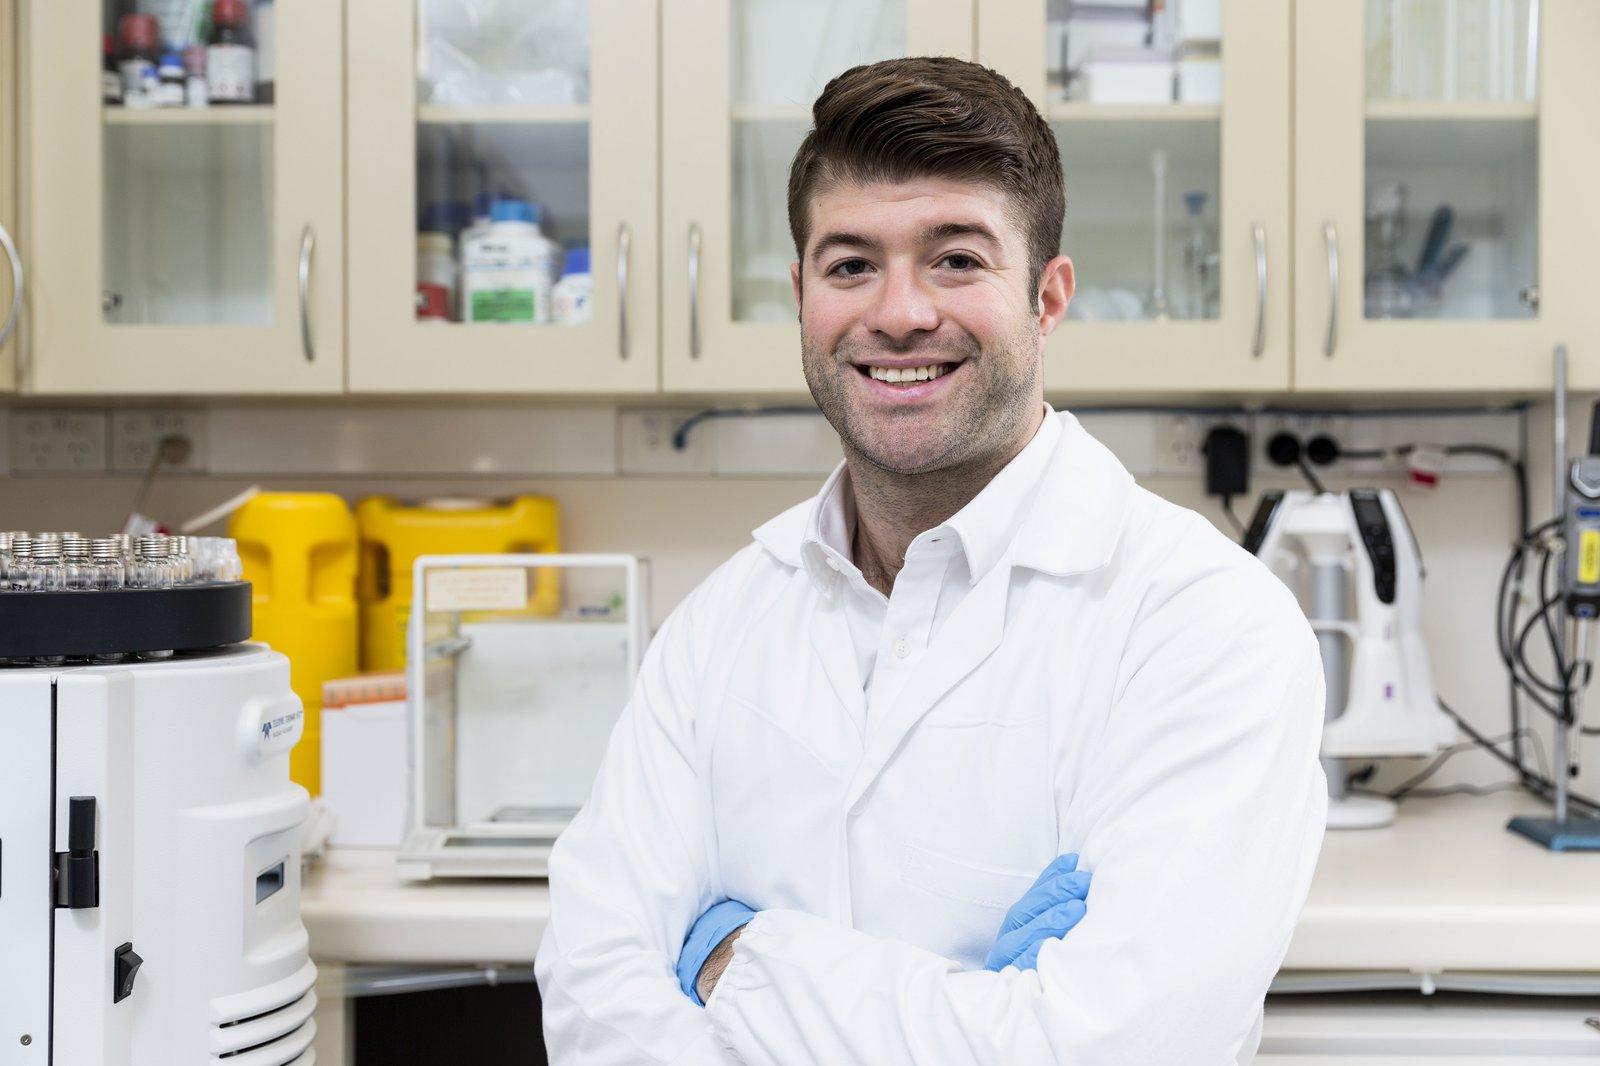 Dr Michael Bowen